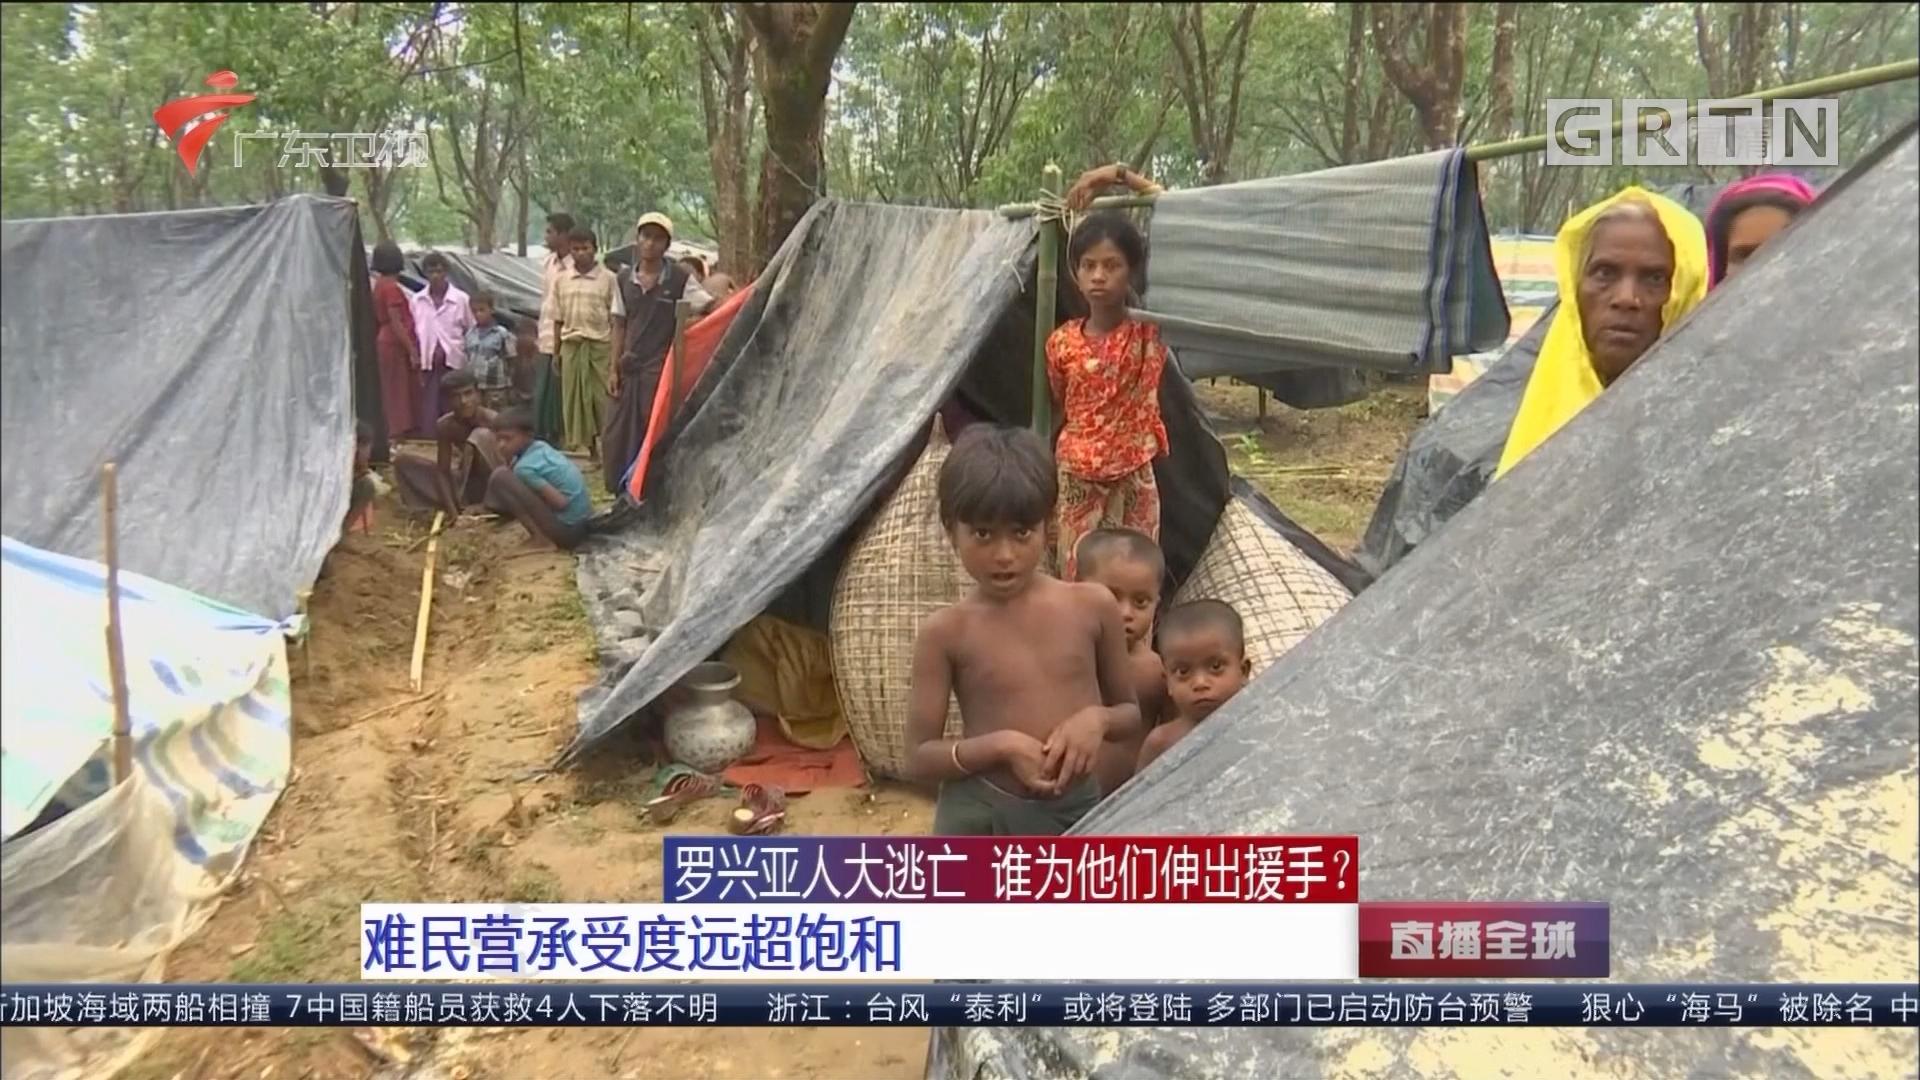 罗兴亚人大逃亡 谁为他们伸出援手? 难民营承受度远超饱和